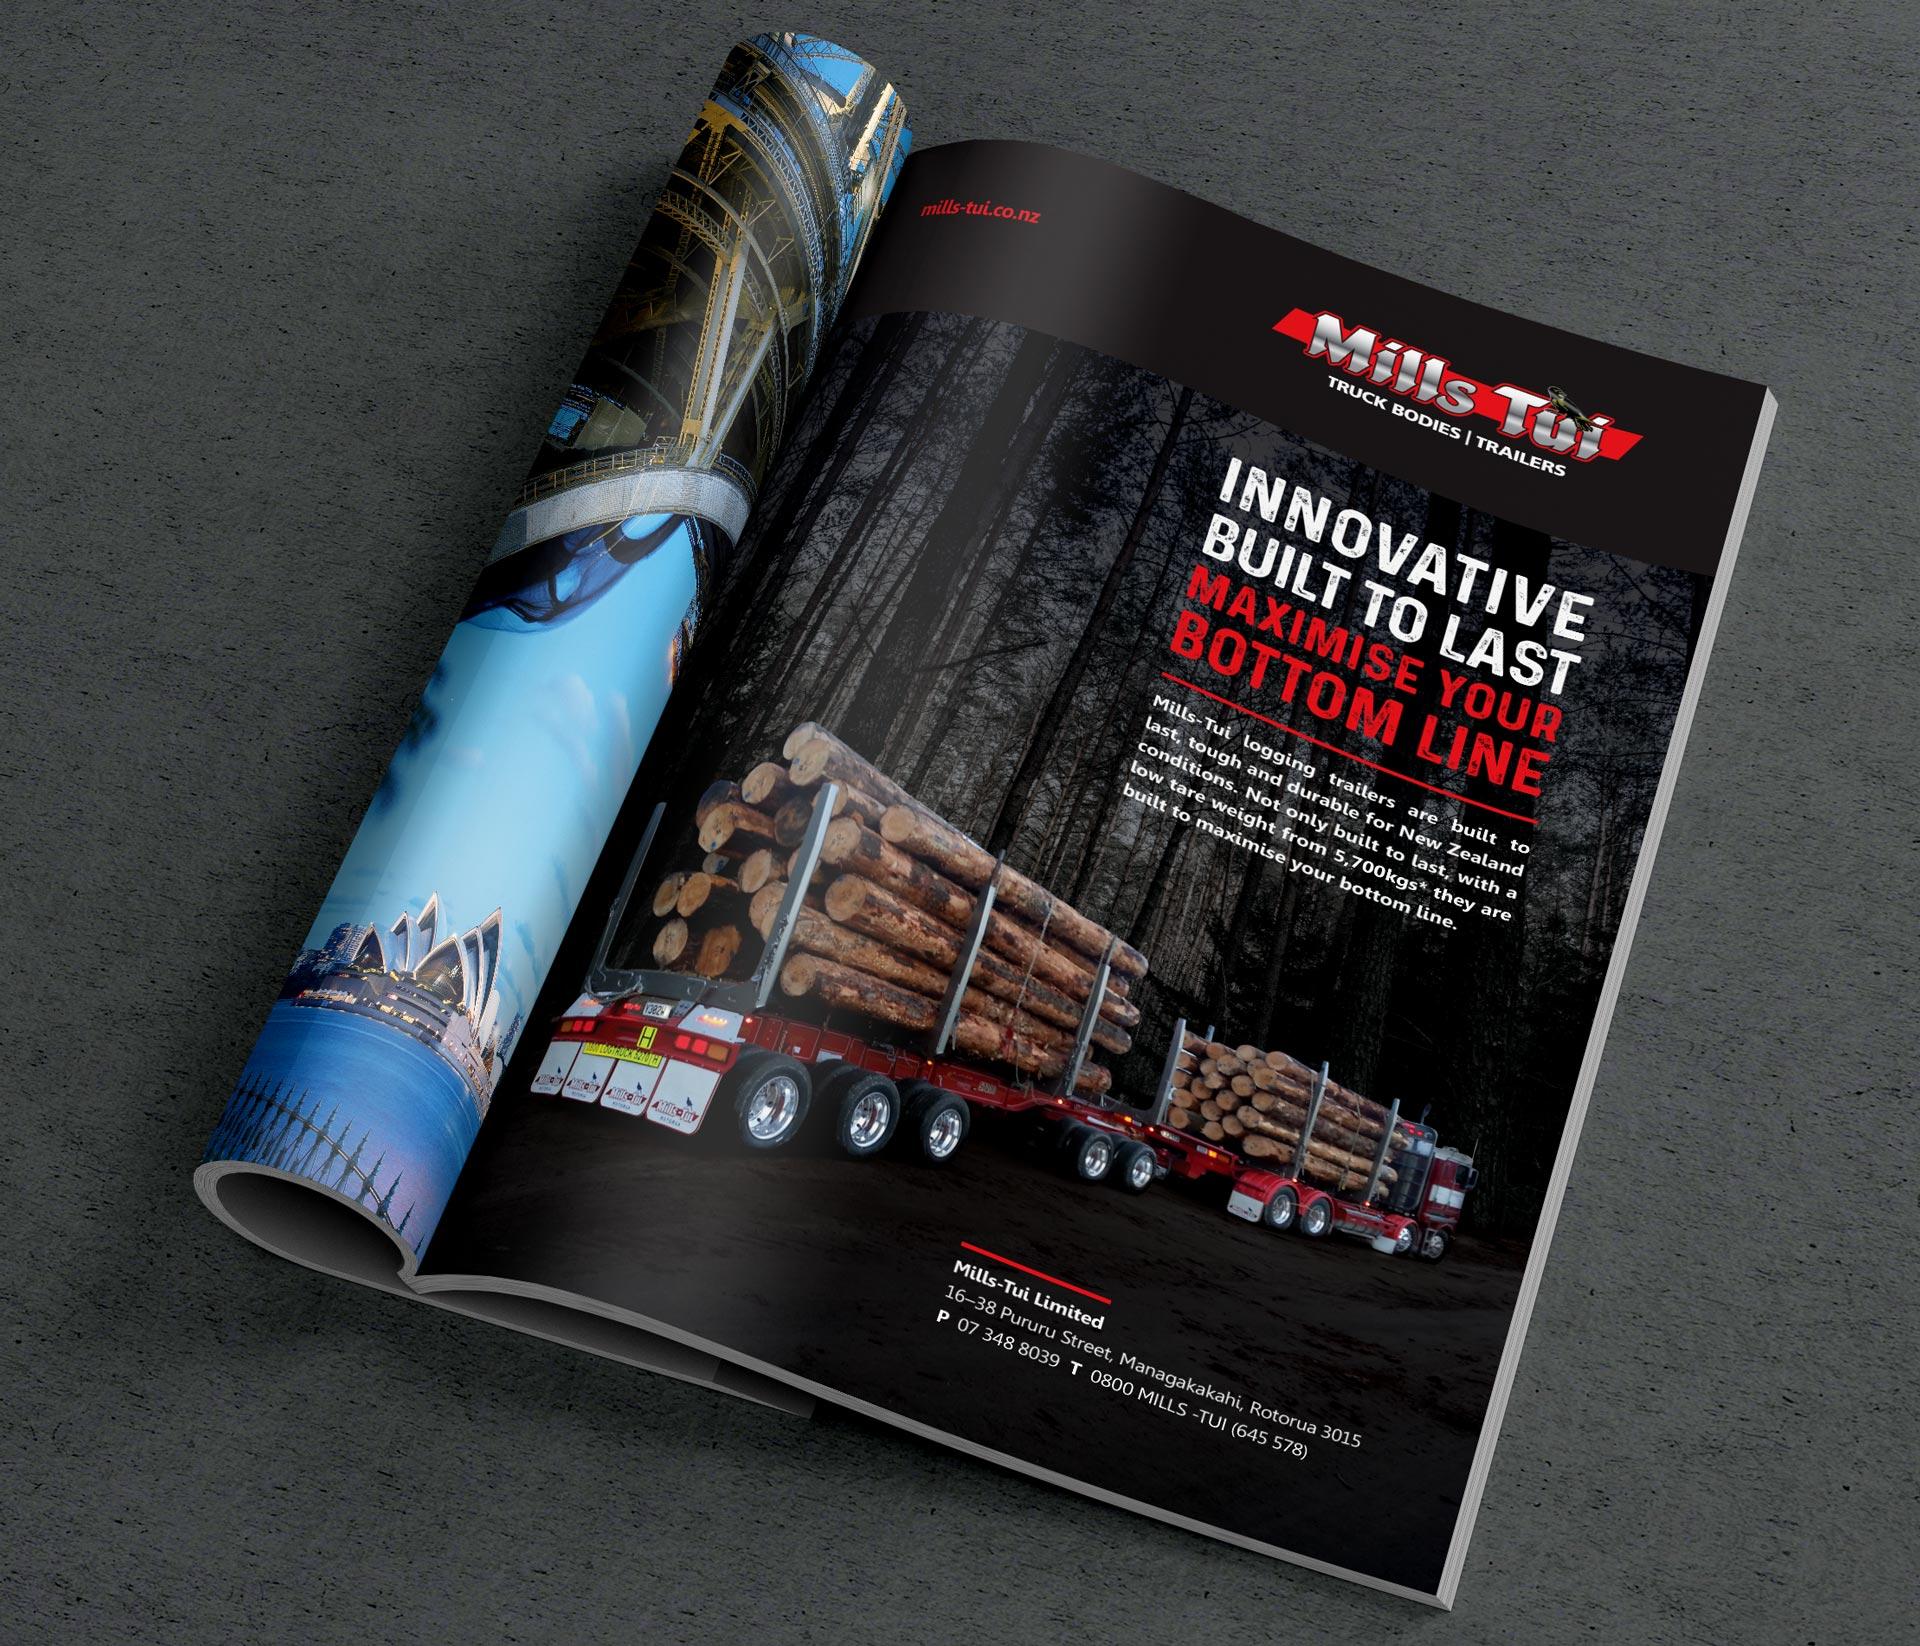 millstui-magazine-ad-design-02